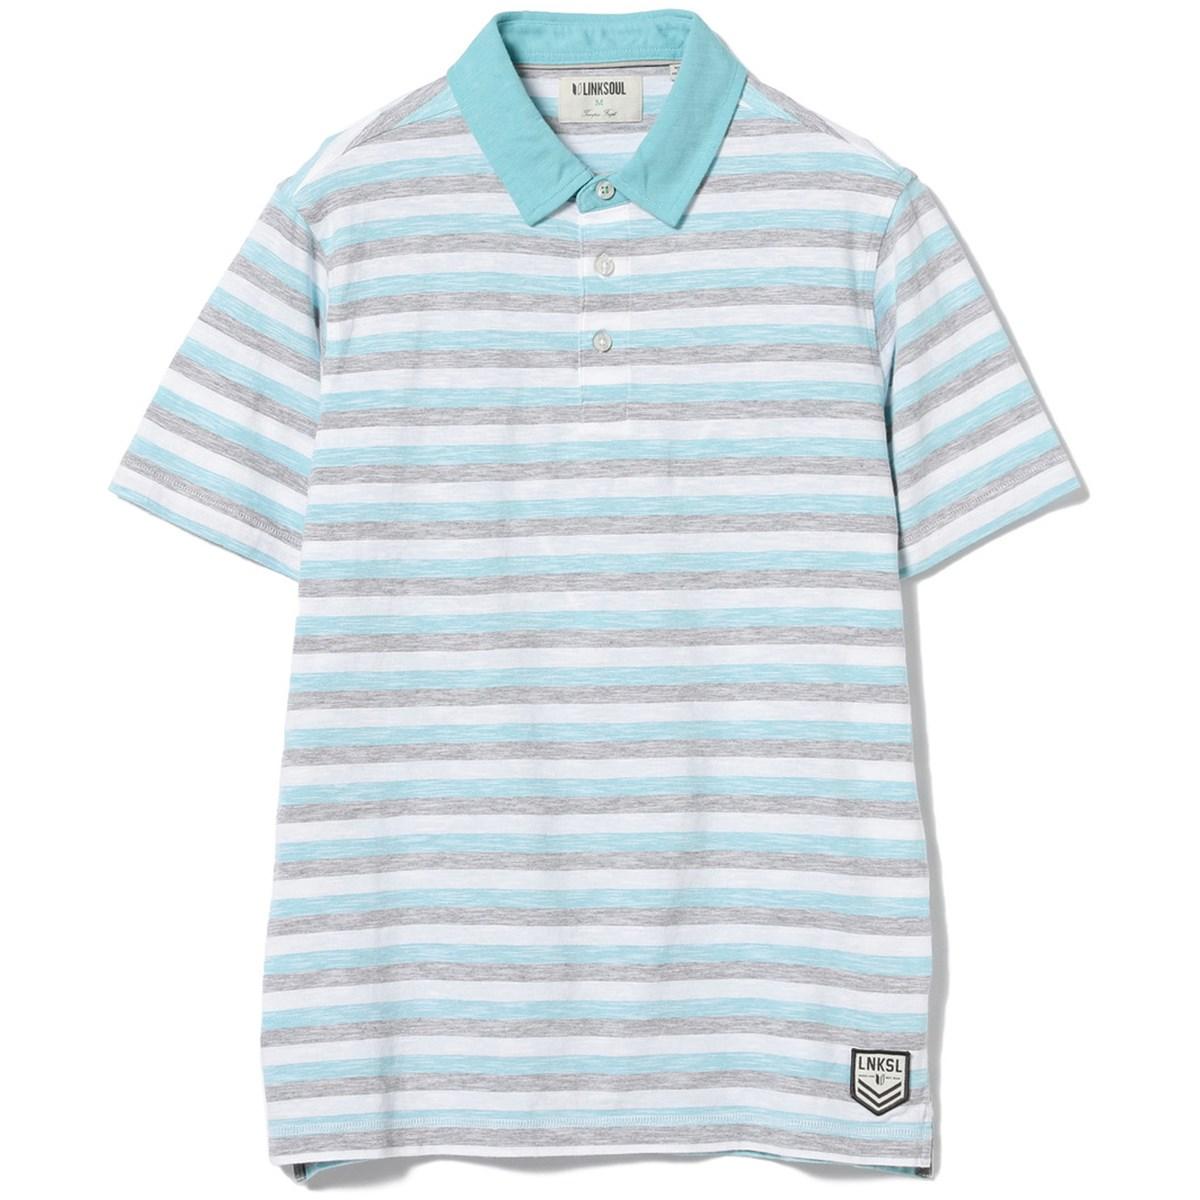 ビームスゴルフ LINKSOUL×BEAMS GOLF 別注 マルチボーダー 半袖ポロシャツ